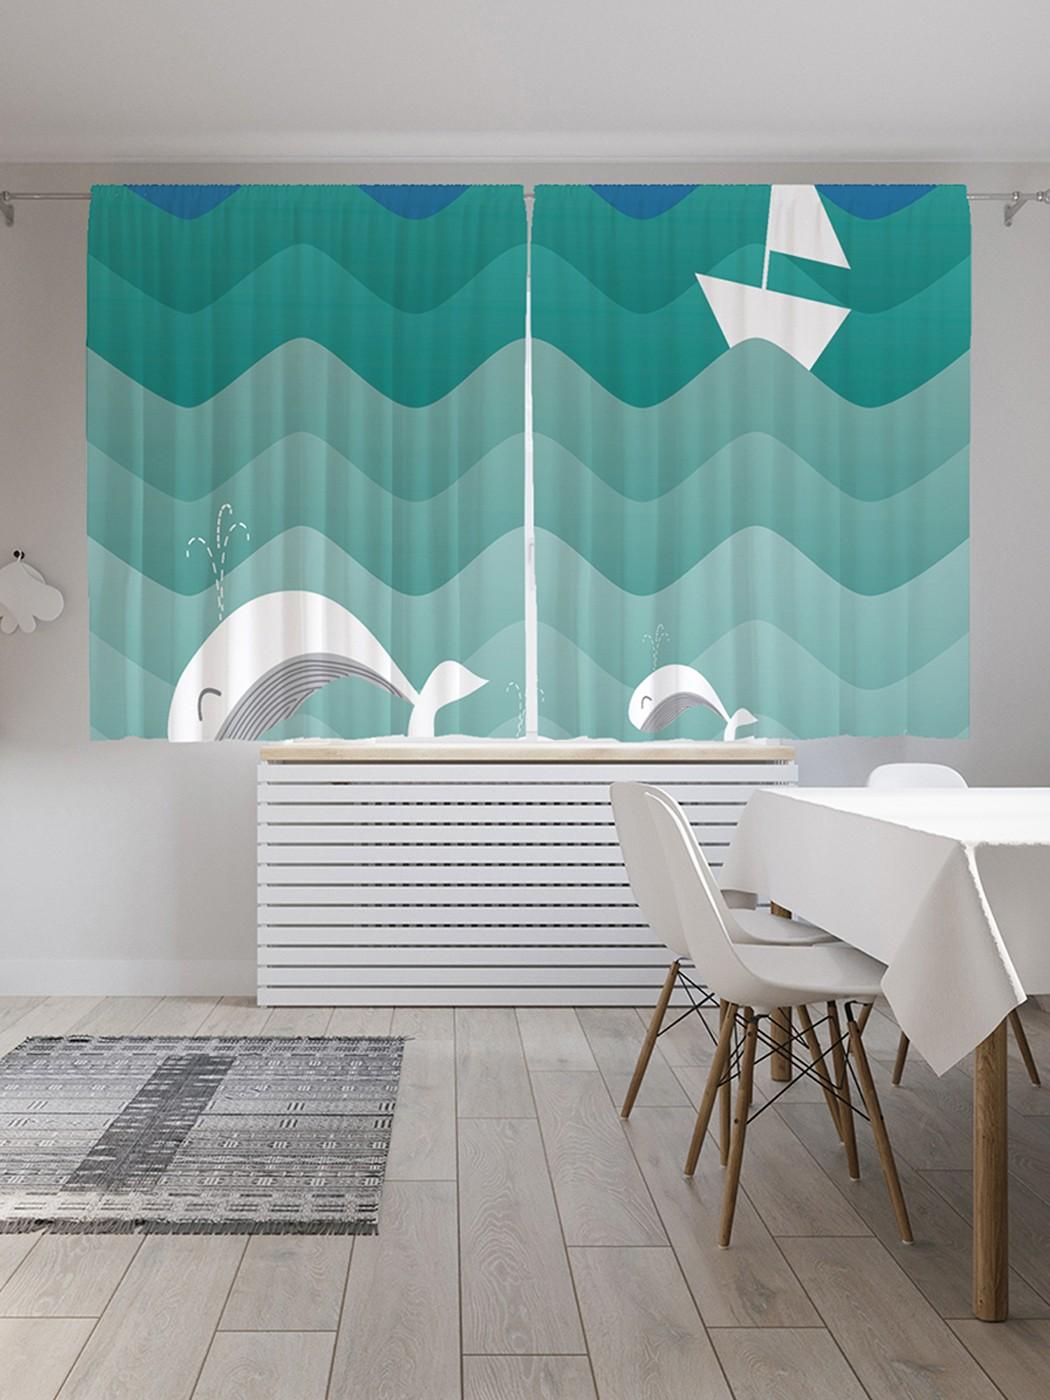 Шторы под лён «Дельфины проводники», серия Oxford DeLux, 290х180 см